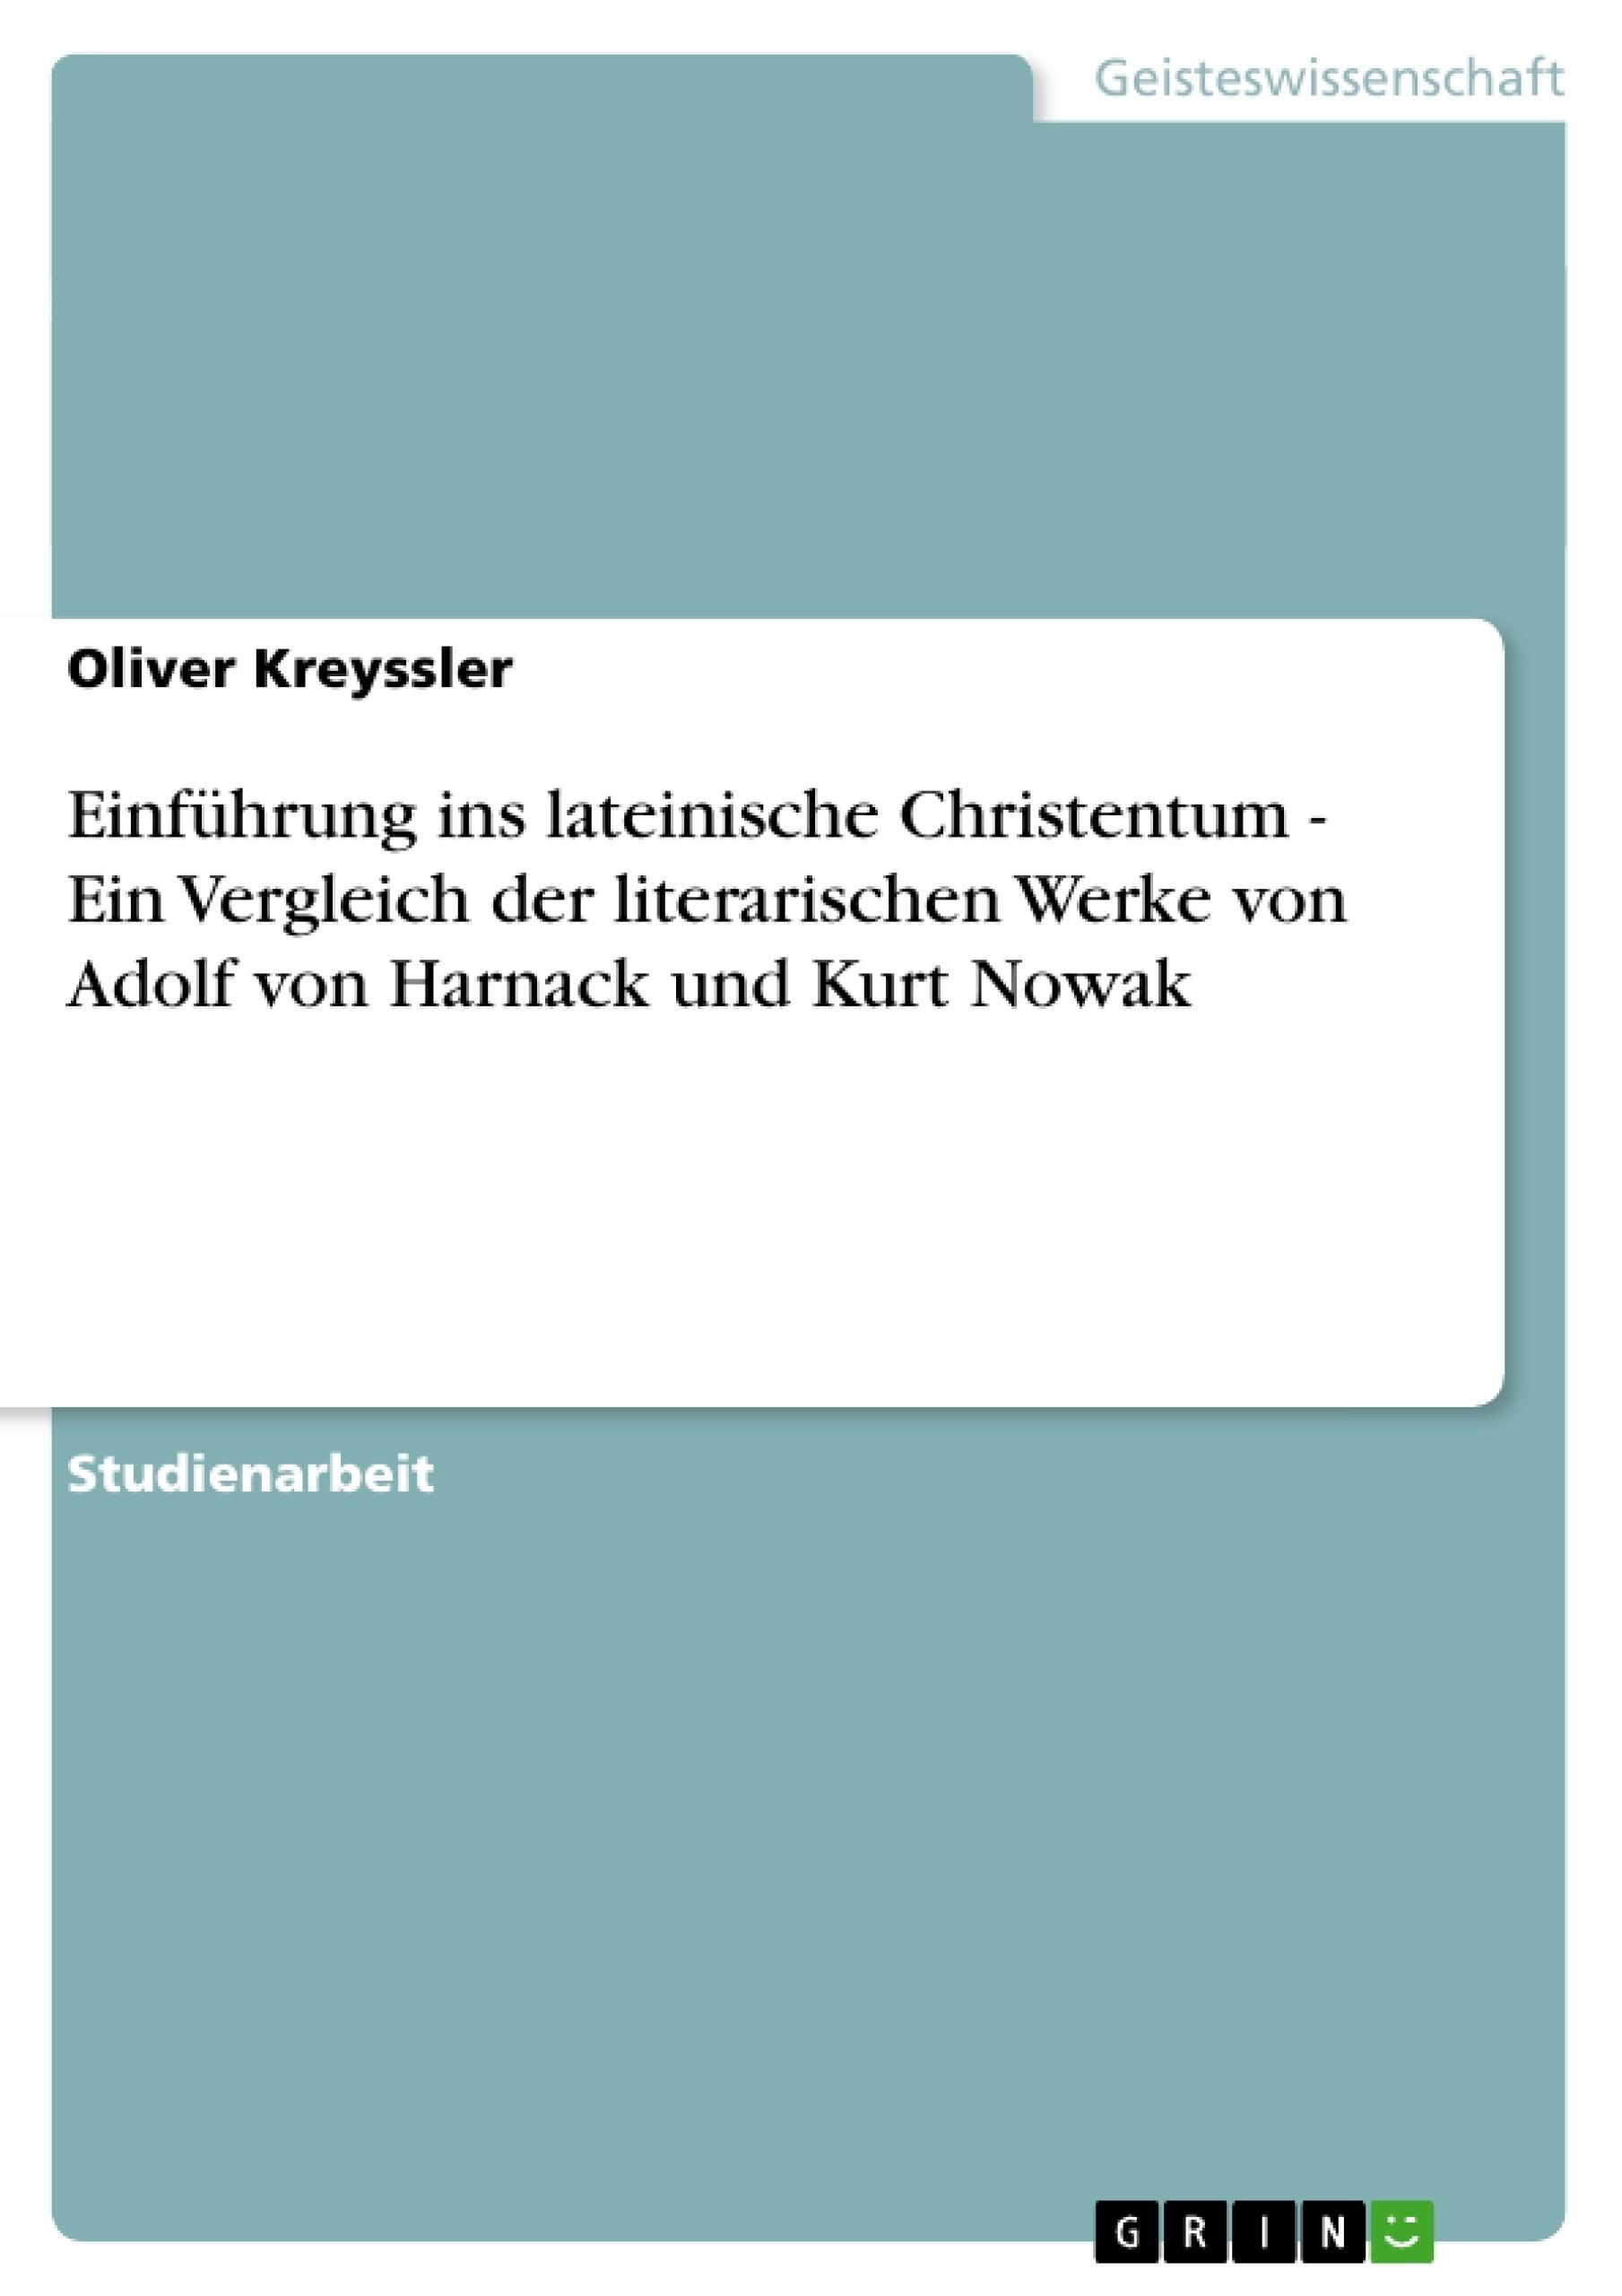 Titel: Einführung ins lateinische Christentum  -  Ein Vergleich der literarischen Werke von Adolf von Harnack und Kurt Nowak